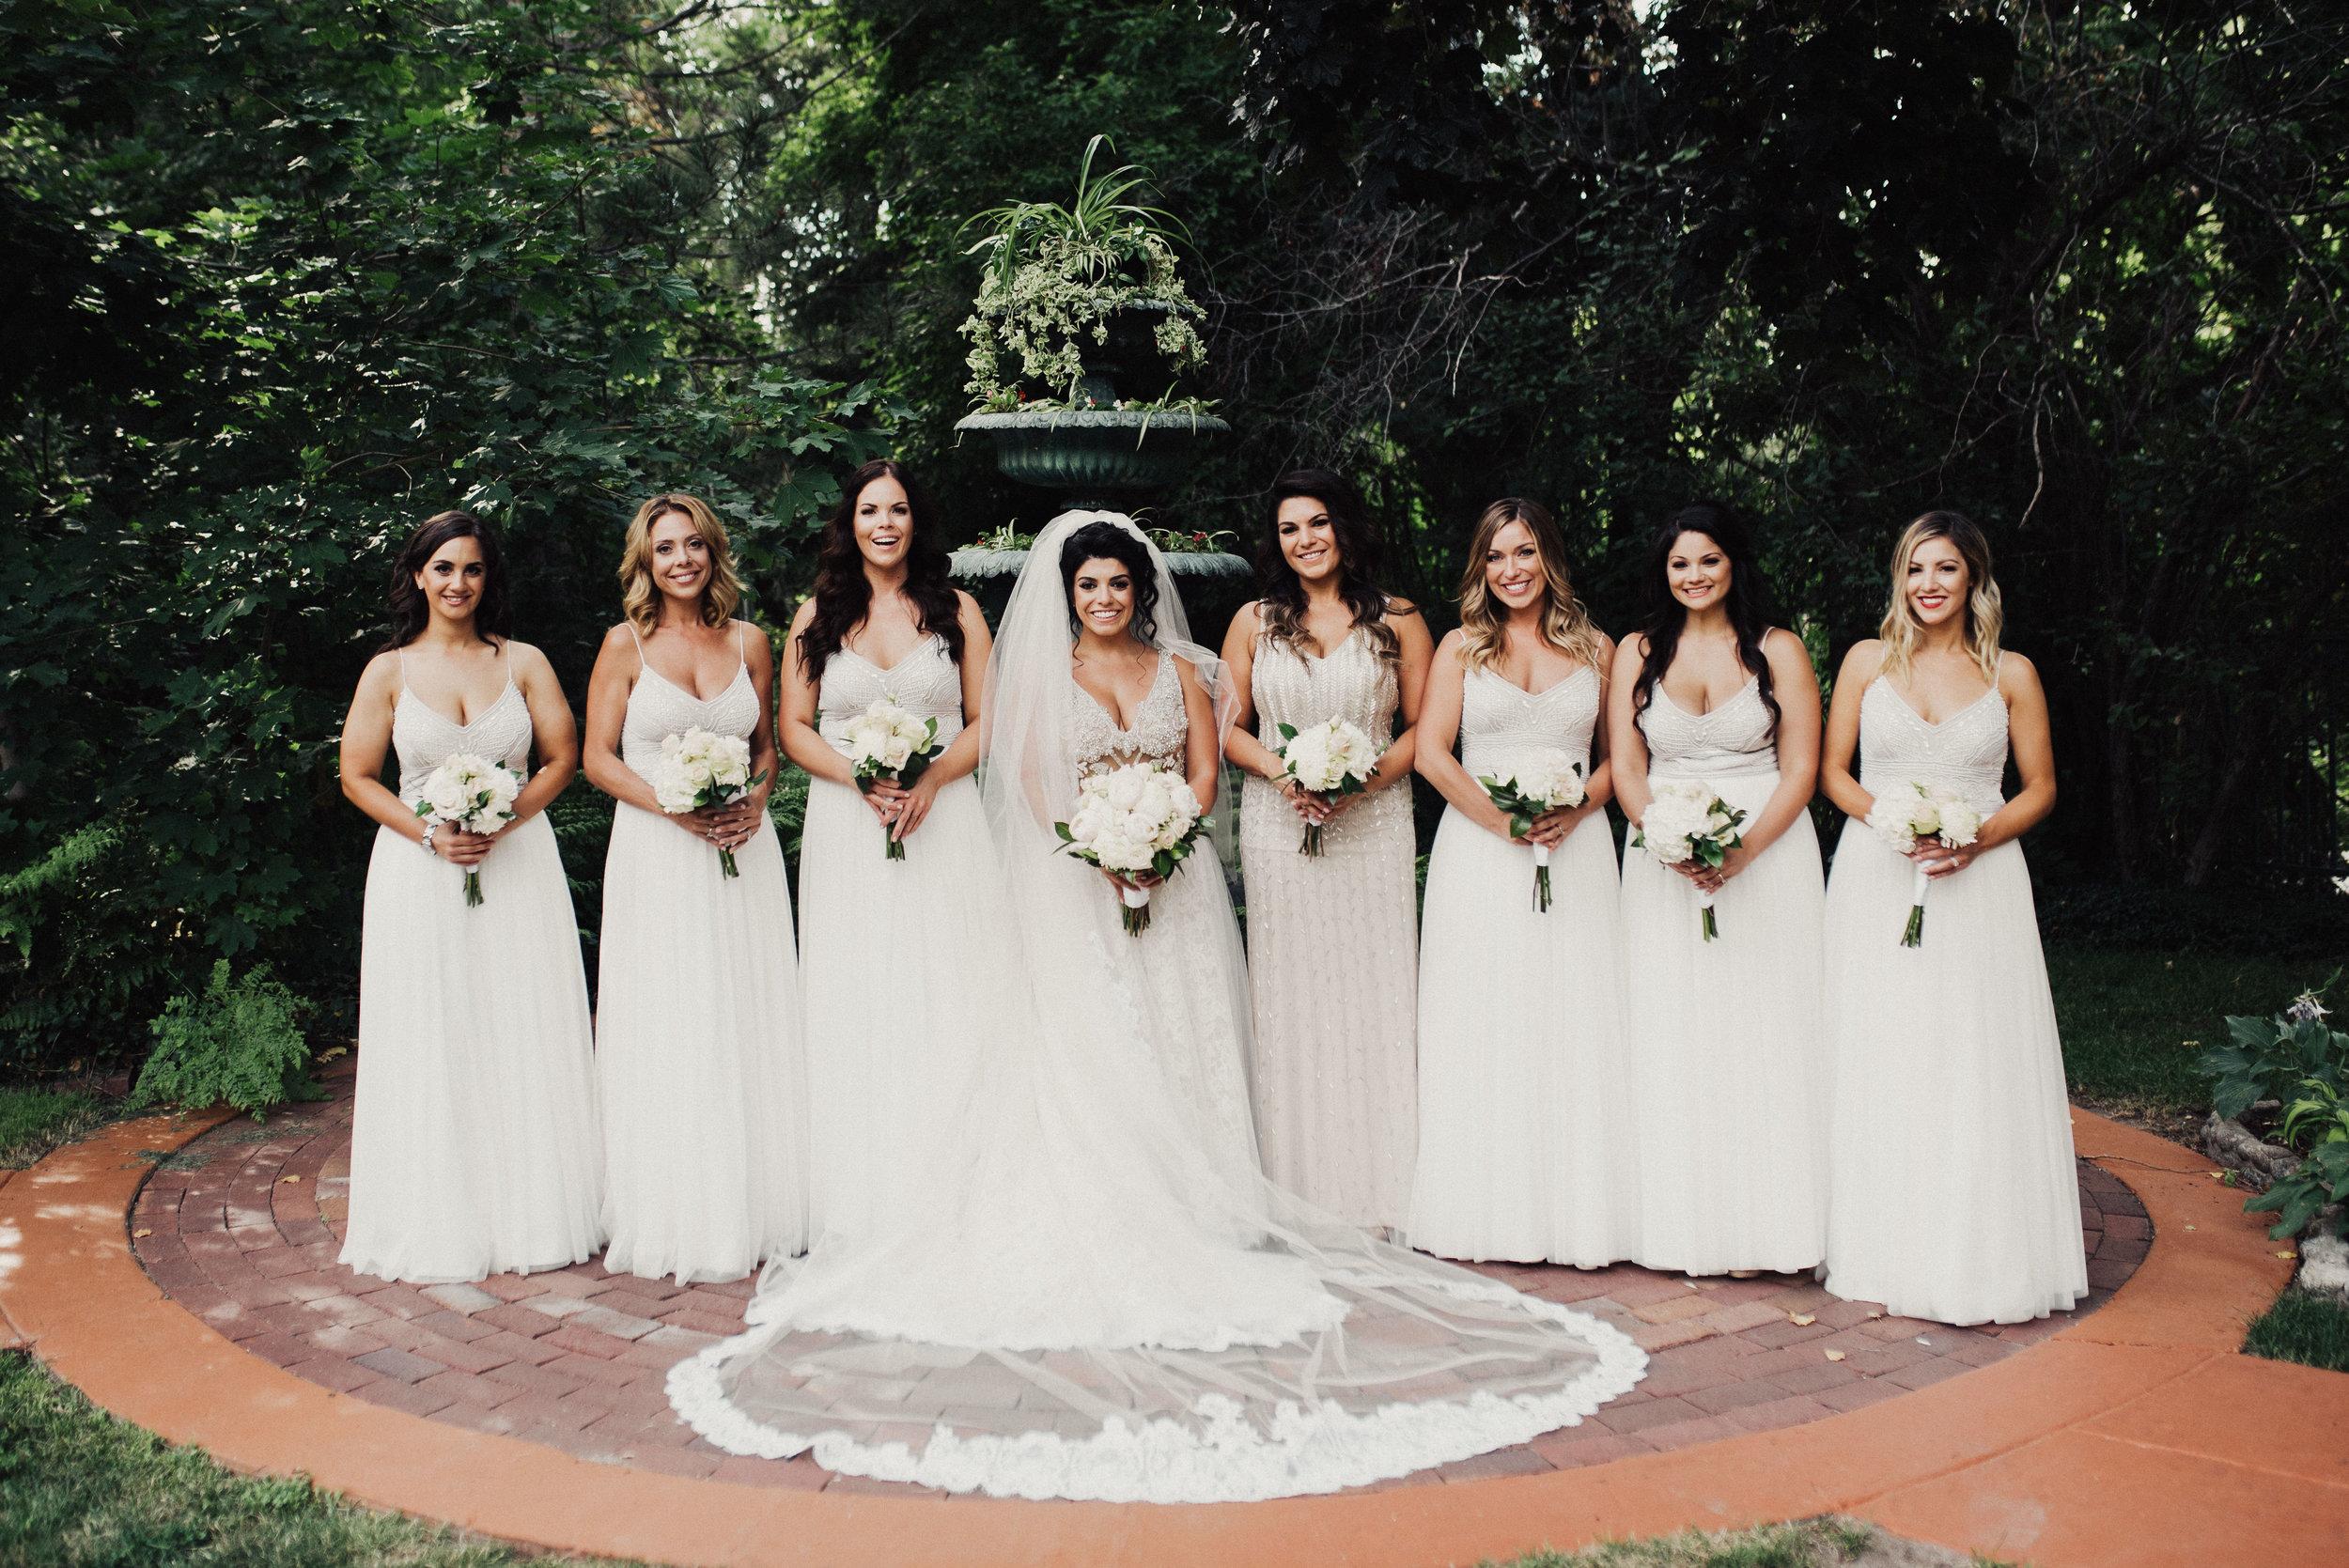 La Caille Wedding Bridesmaids